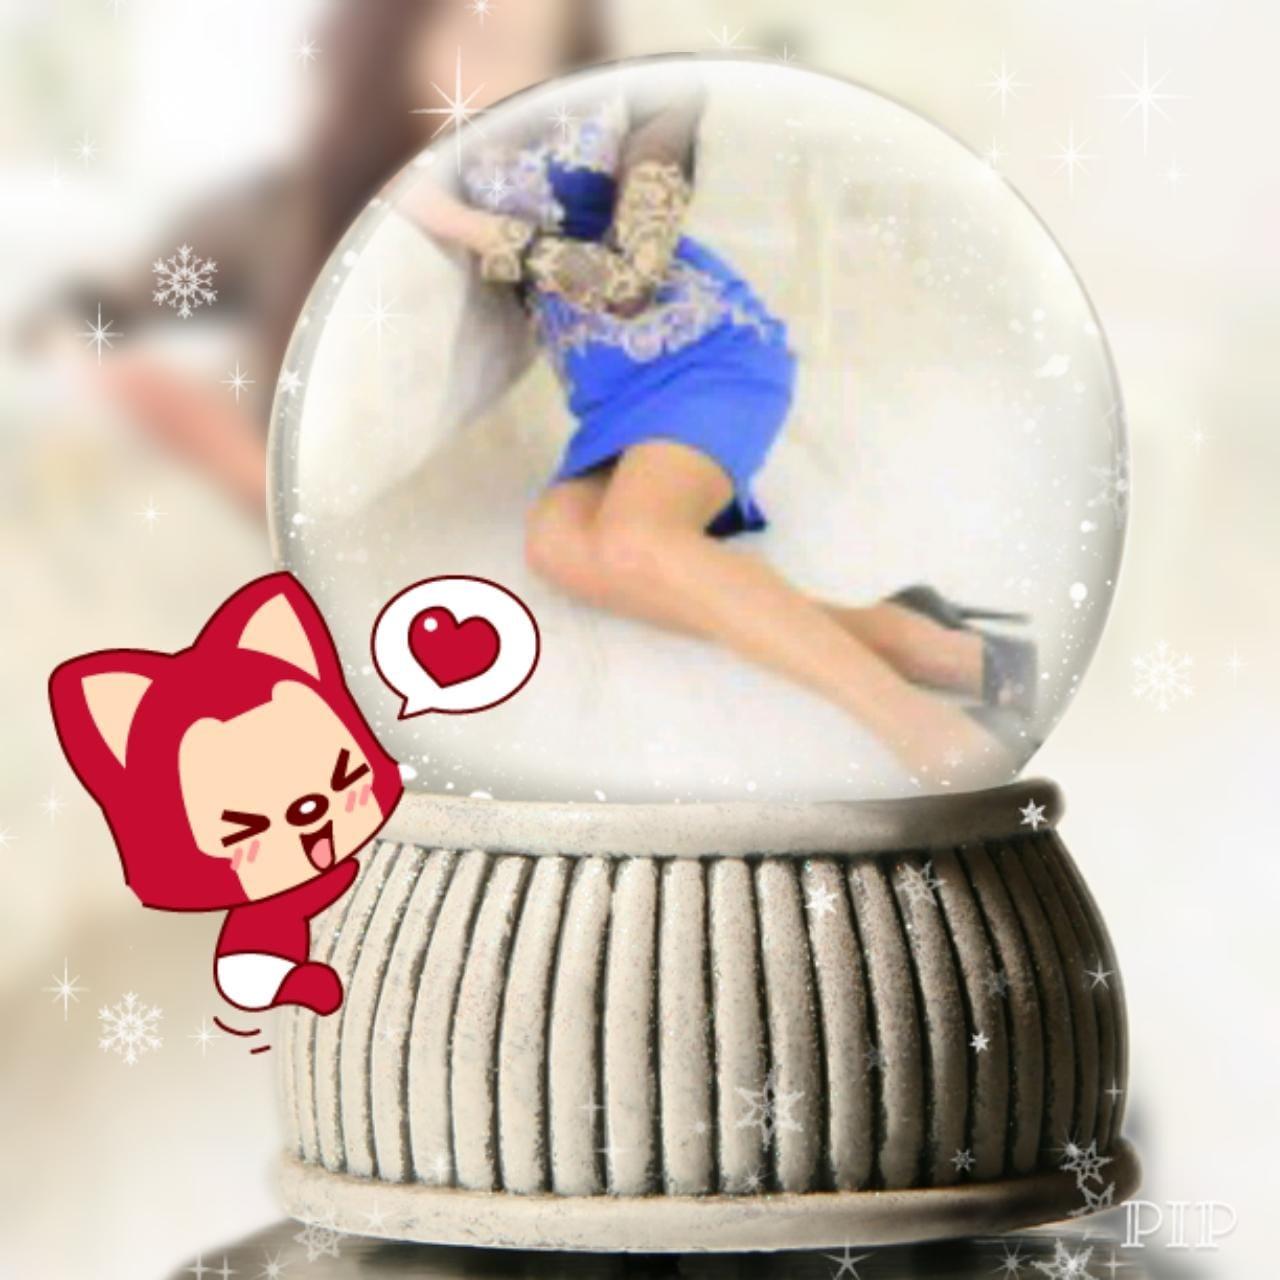 「おやすみなさい♪」11/22(木) 00:00   あやのの写メ・風俗動画